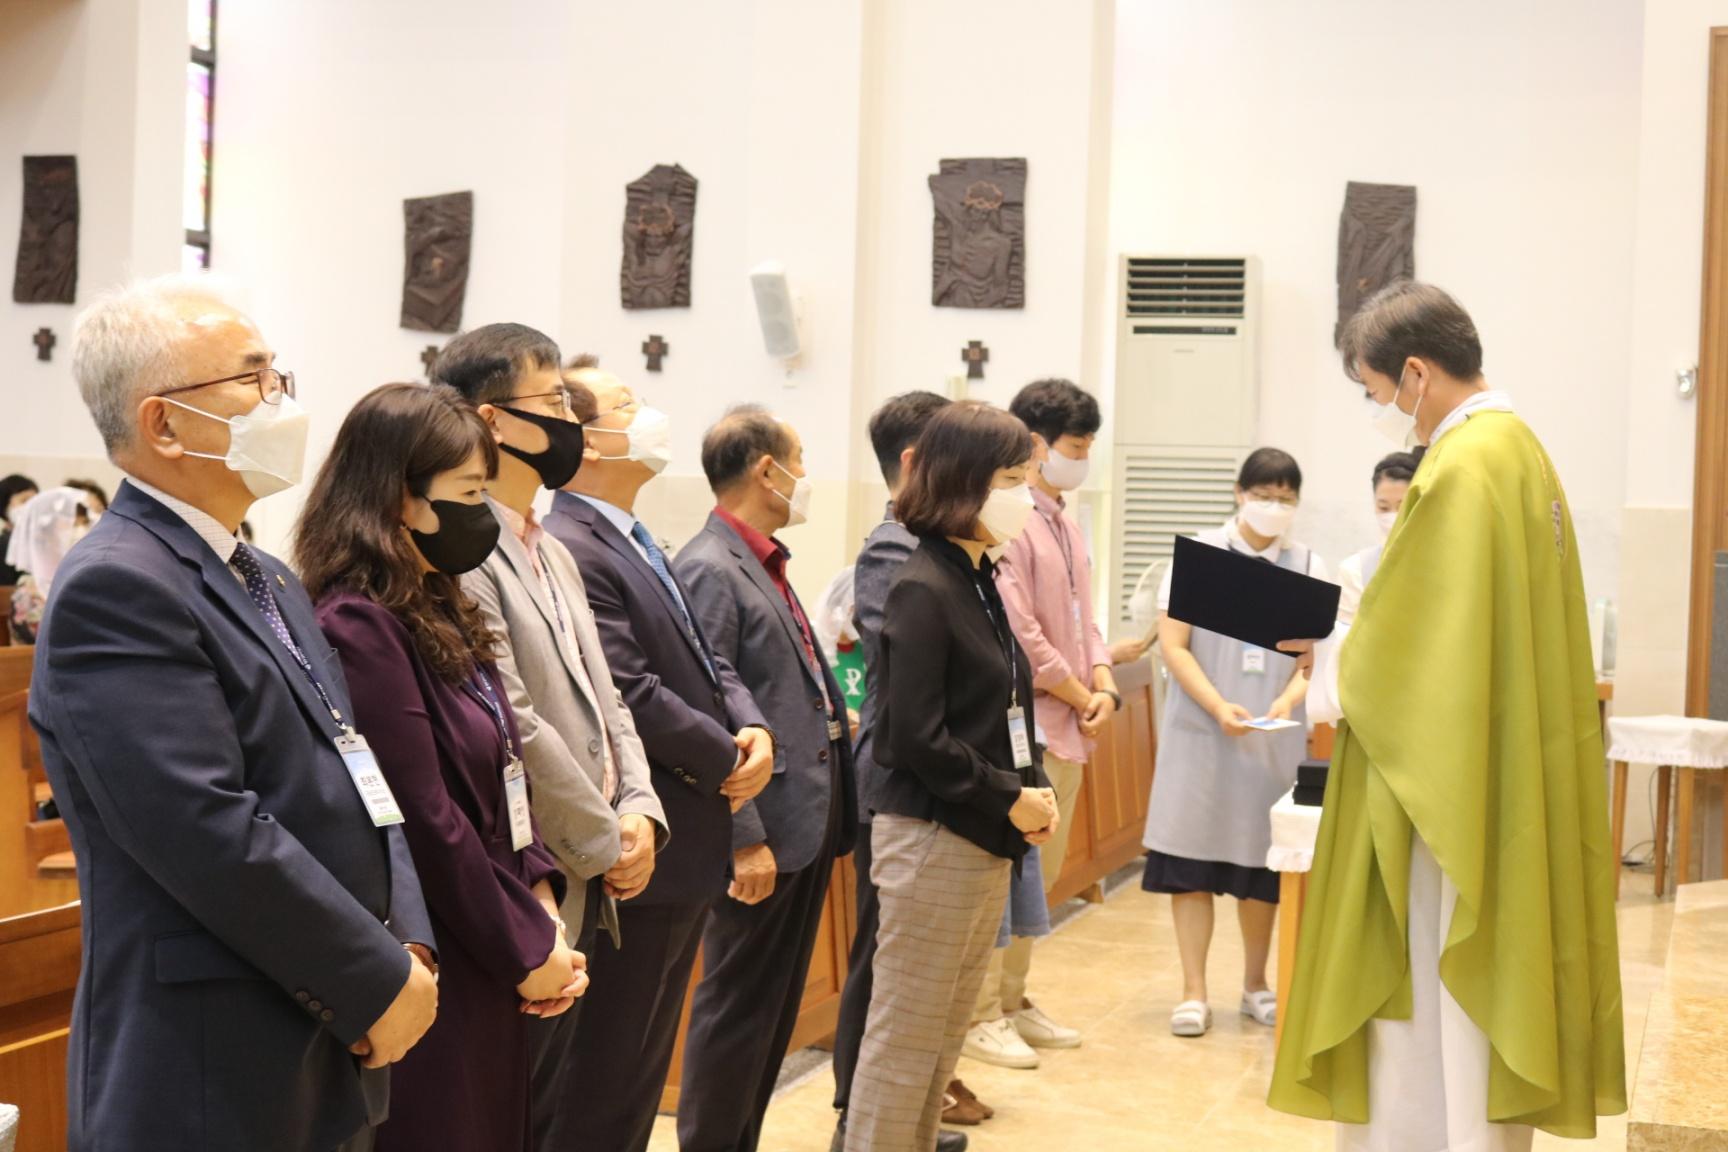 batch_2020-10-11 제11회 본당의 날  (30).JPG